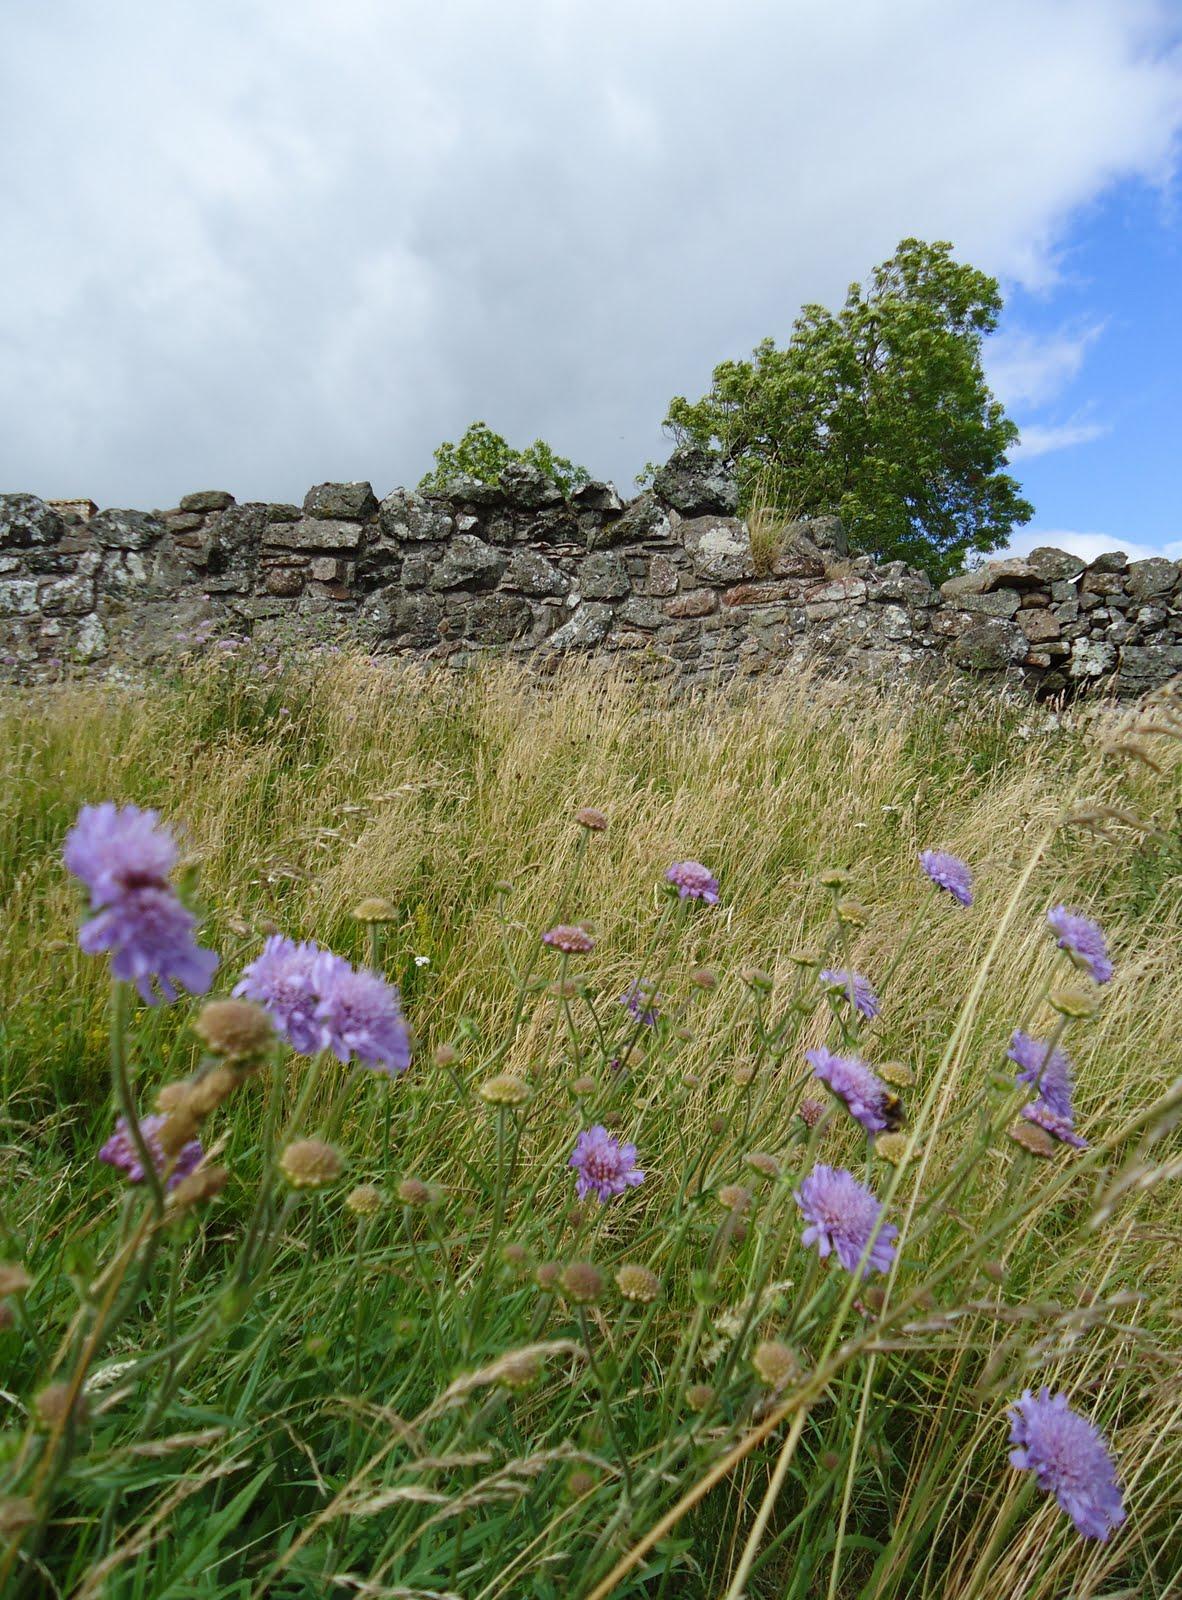 http://3.bp.blogspot.com/_zZ_nIoNkff8/TFhx71WxJiI/AAAAAAAAA4A/8peAcL6zZdQ/s1600/Tour+Perth+Dry+Stone+Wall+Scotland.jpg